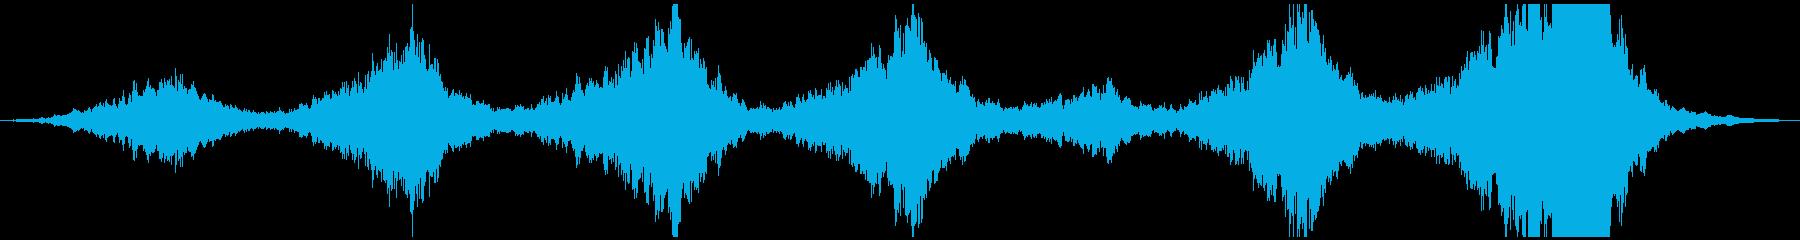 PADS 星間01の再生済みの波形